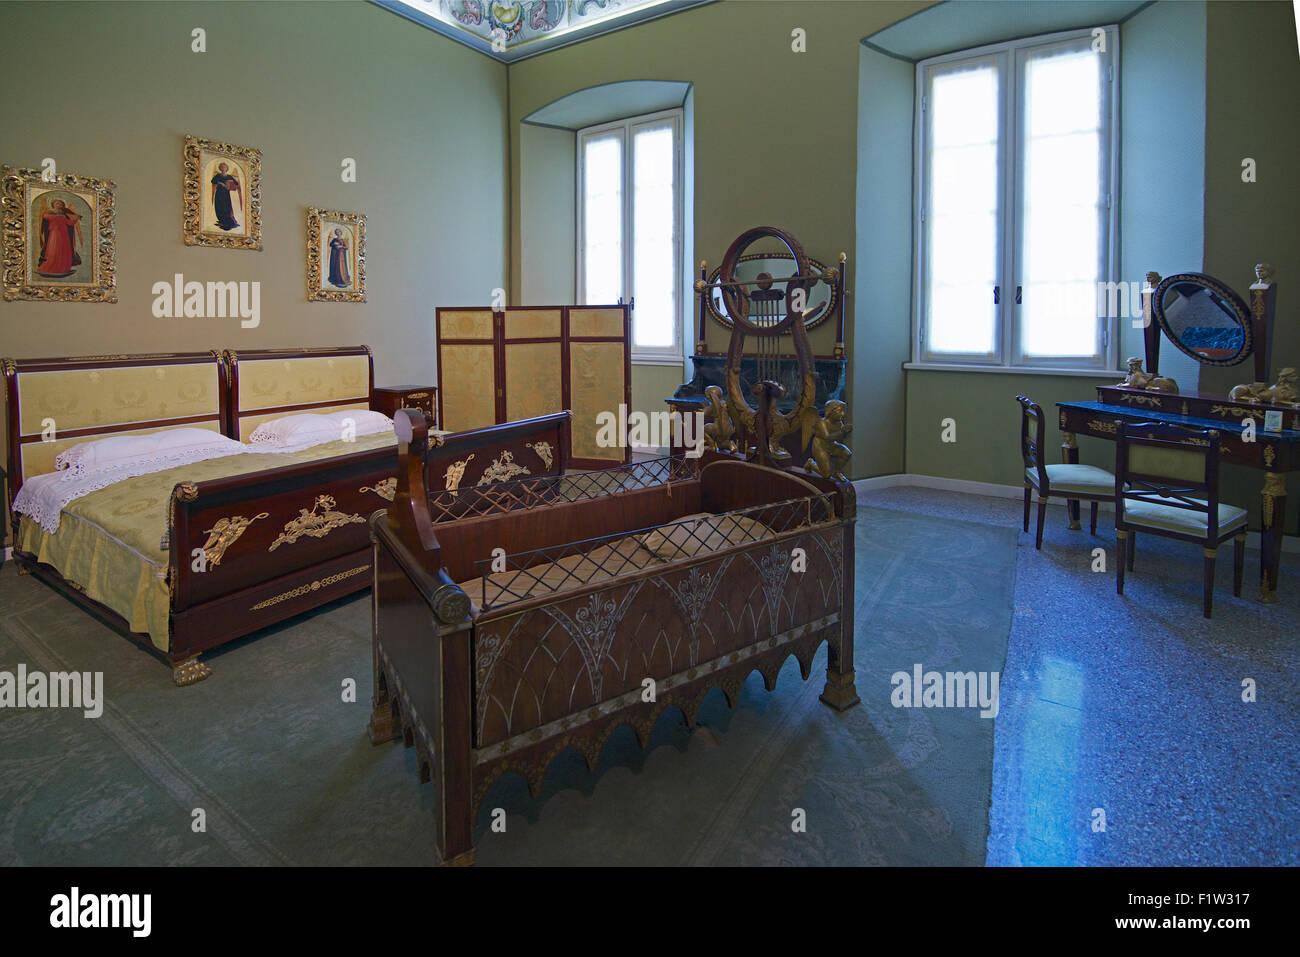 Camera da letto Villa Carlotta Lago di Como lombardia italia Foto ...